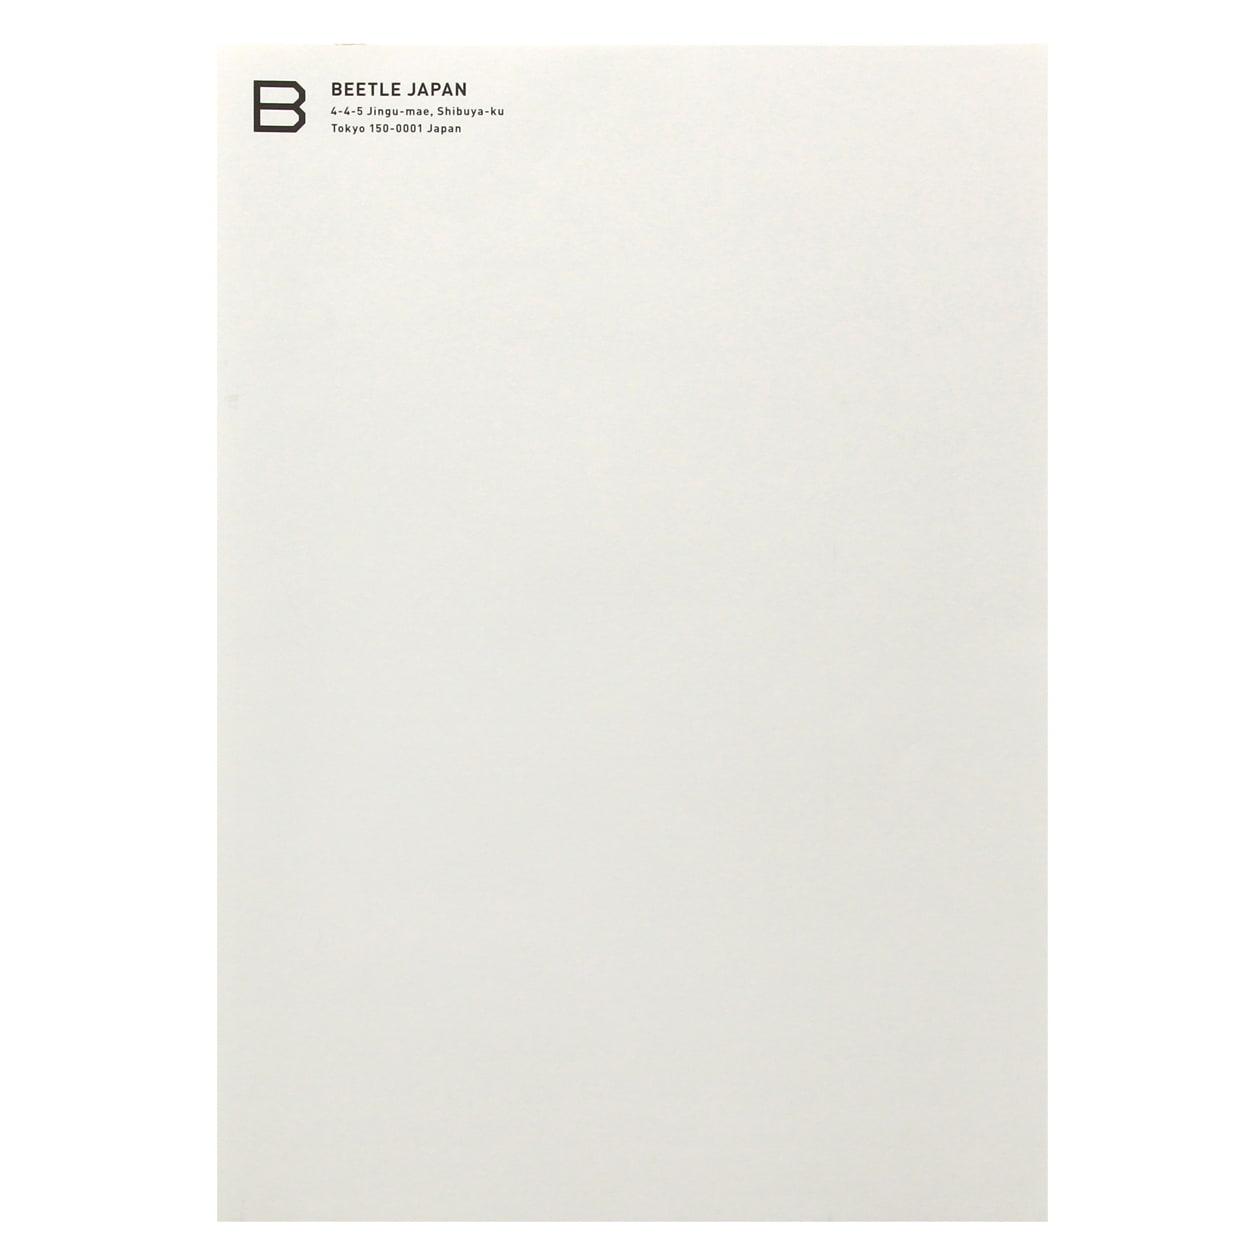 サンプル カード・シート 00371